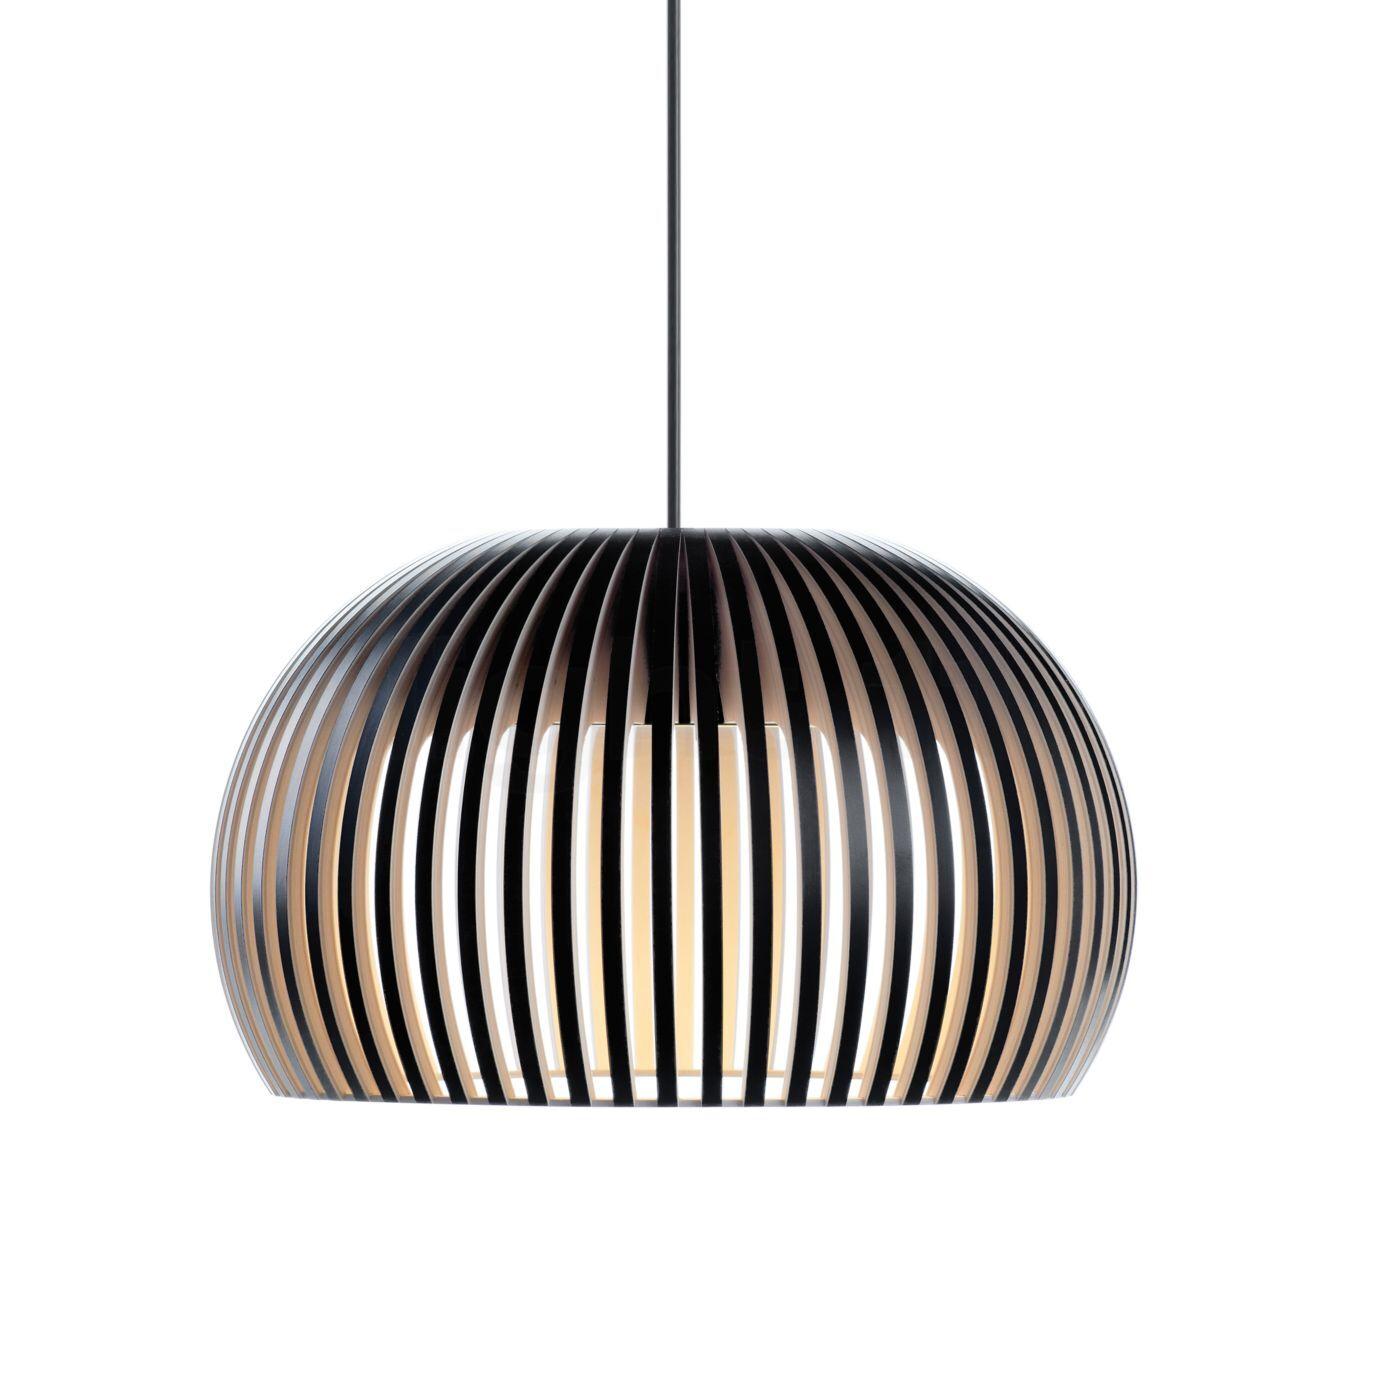 Secto Design Atto 5000 Suspension LED, noir, stratifié/câble textile noir